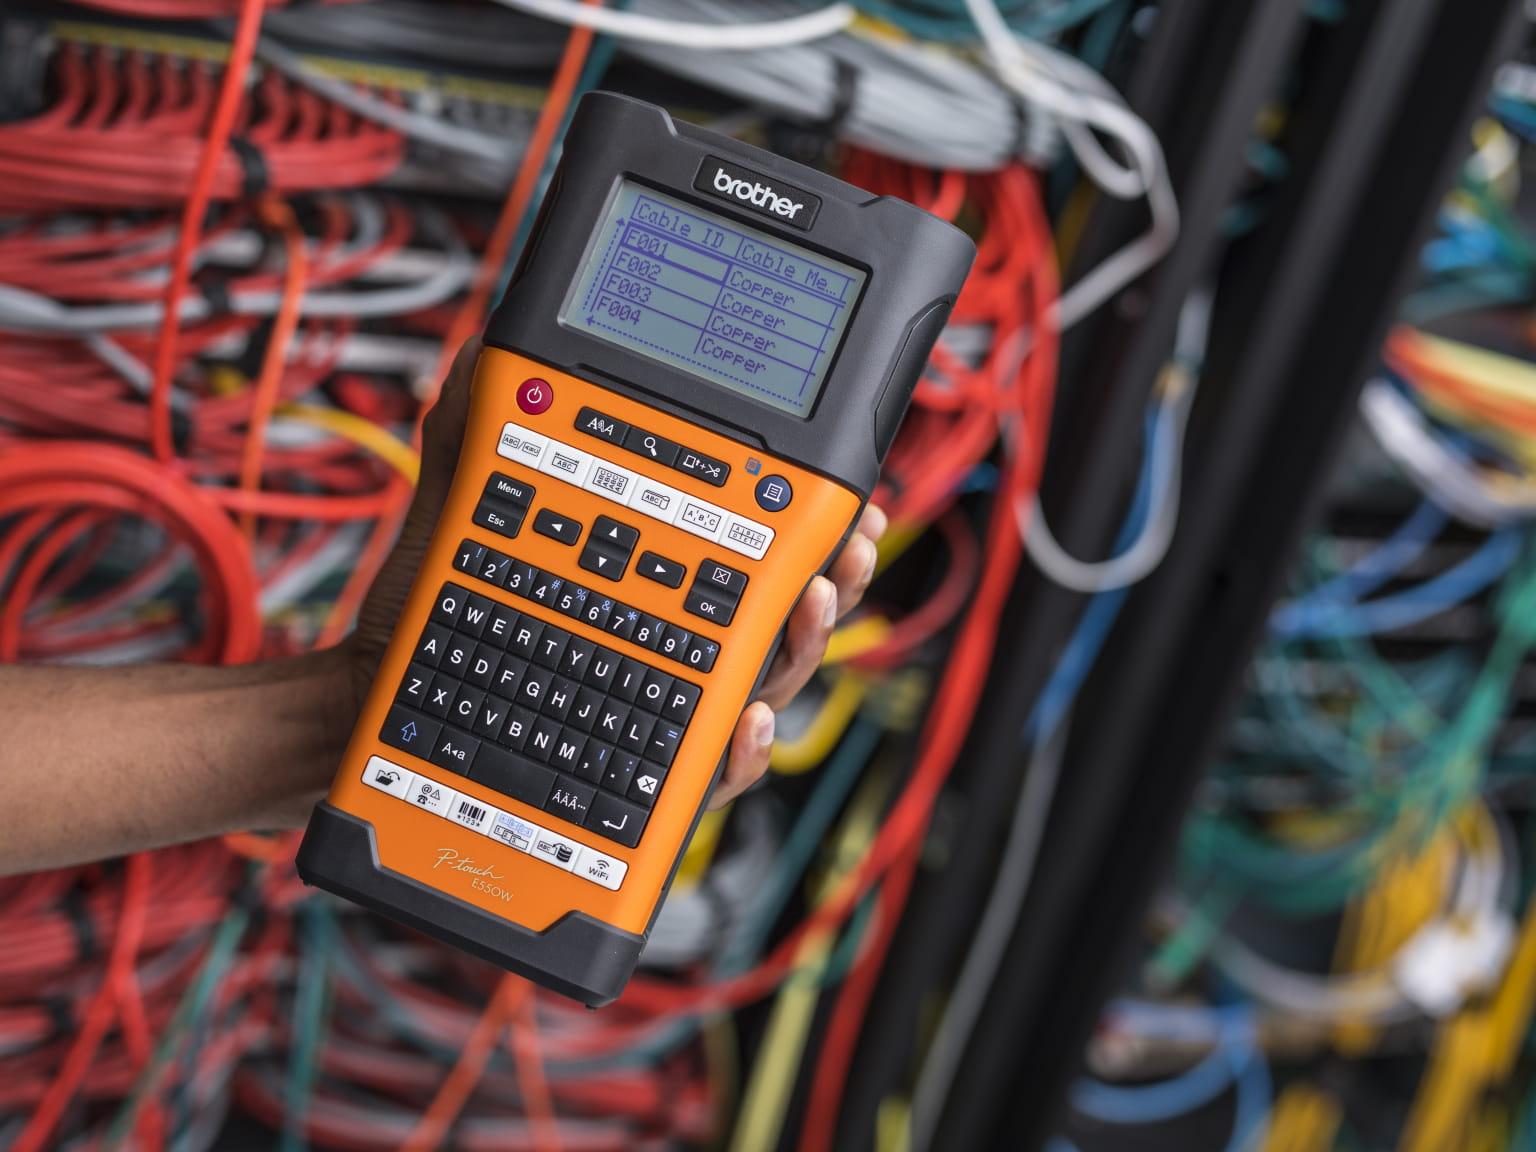 PT-E550W pisač naljepnica u ruci ispred mrežnih kabela